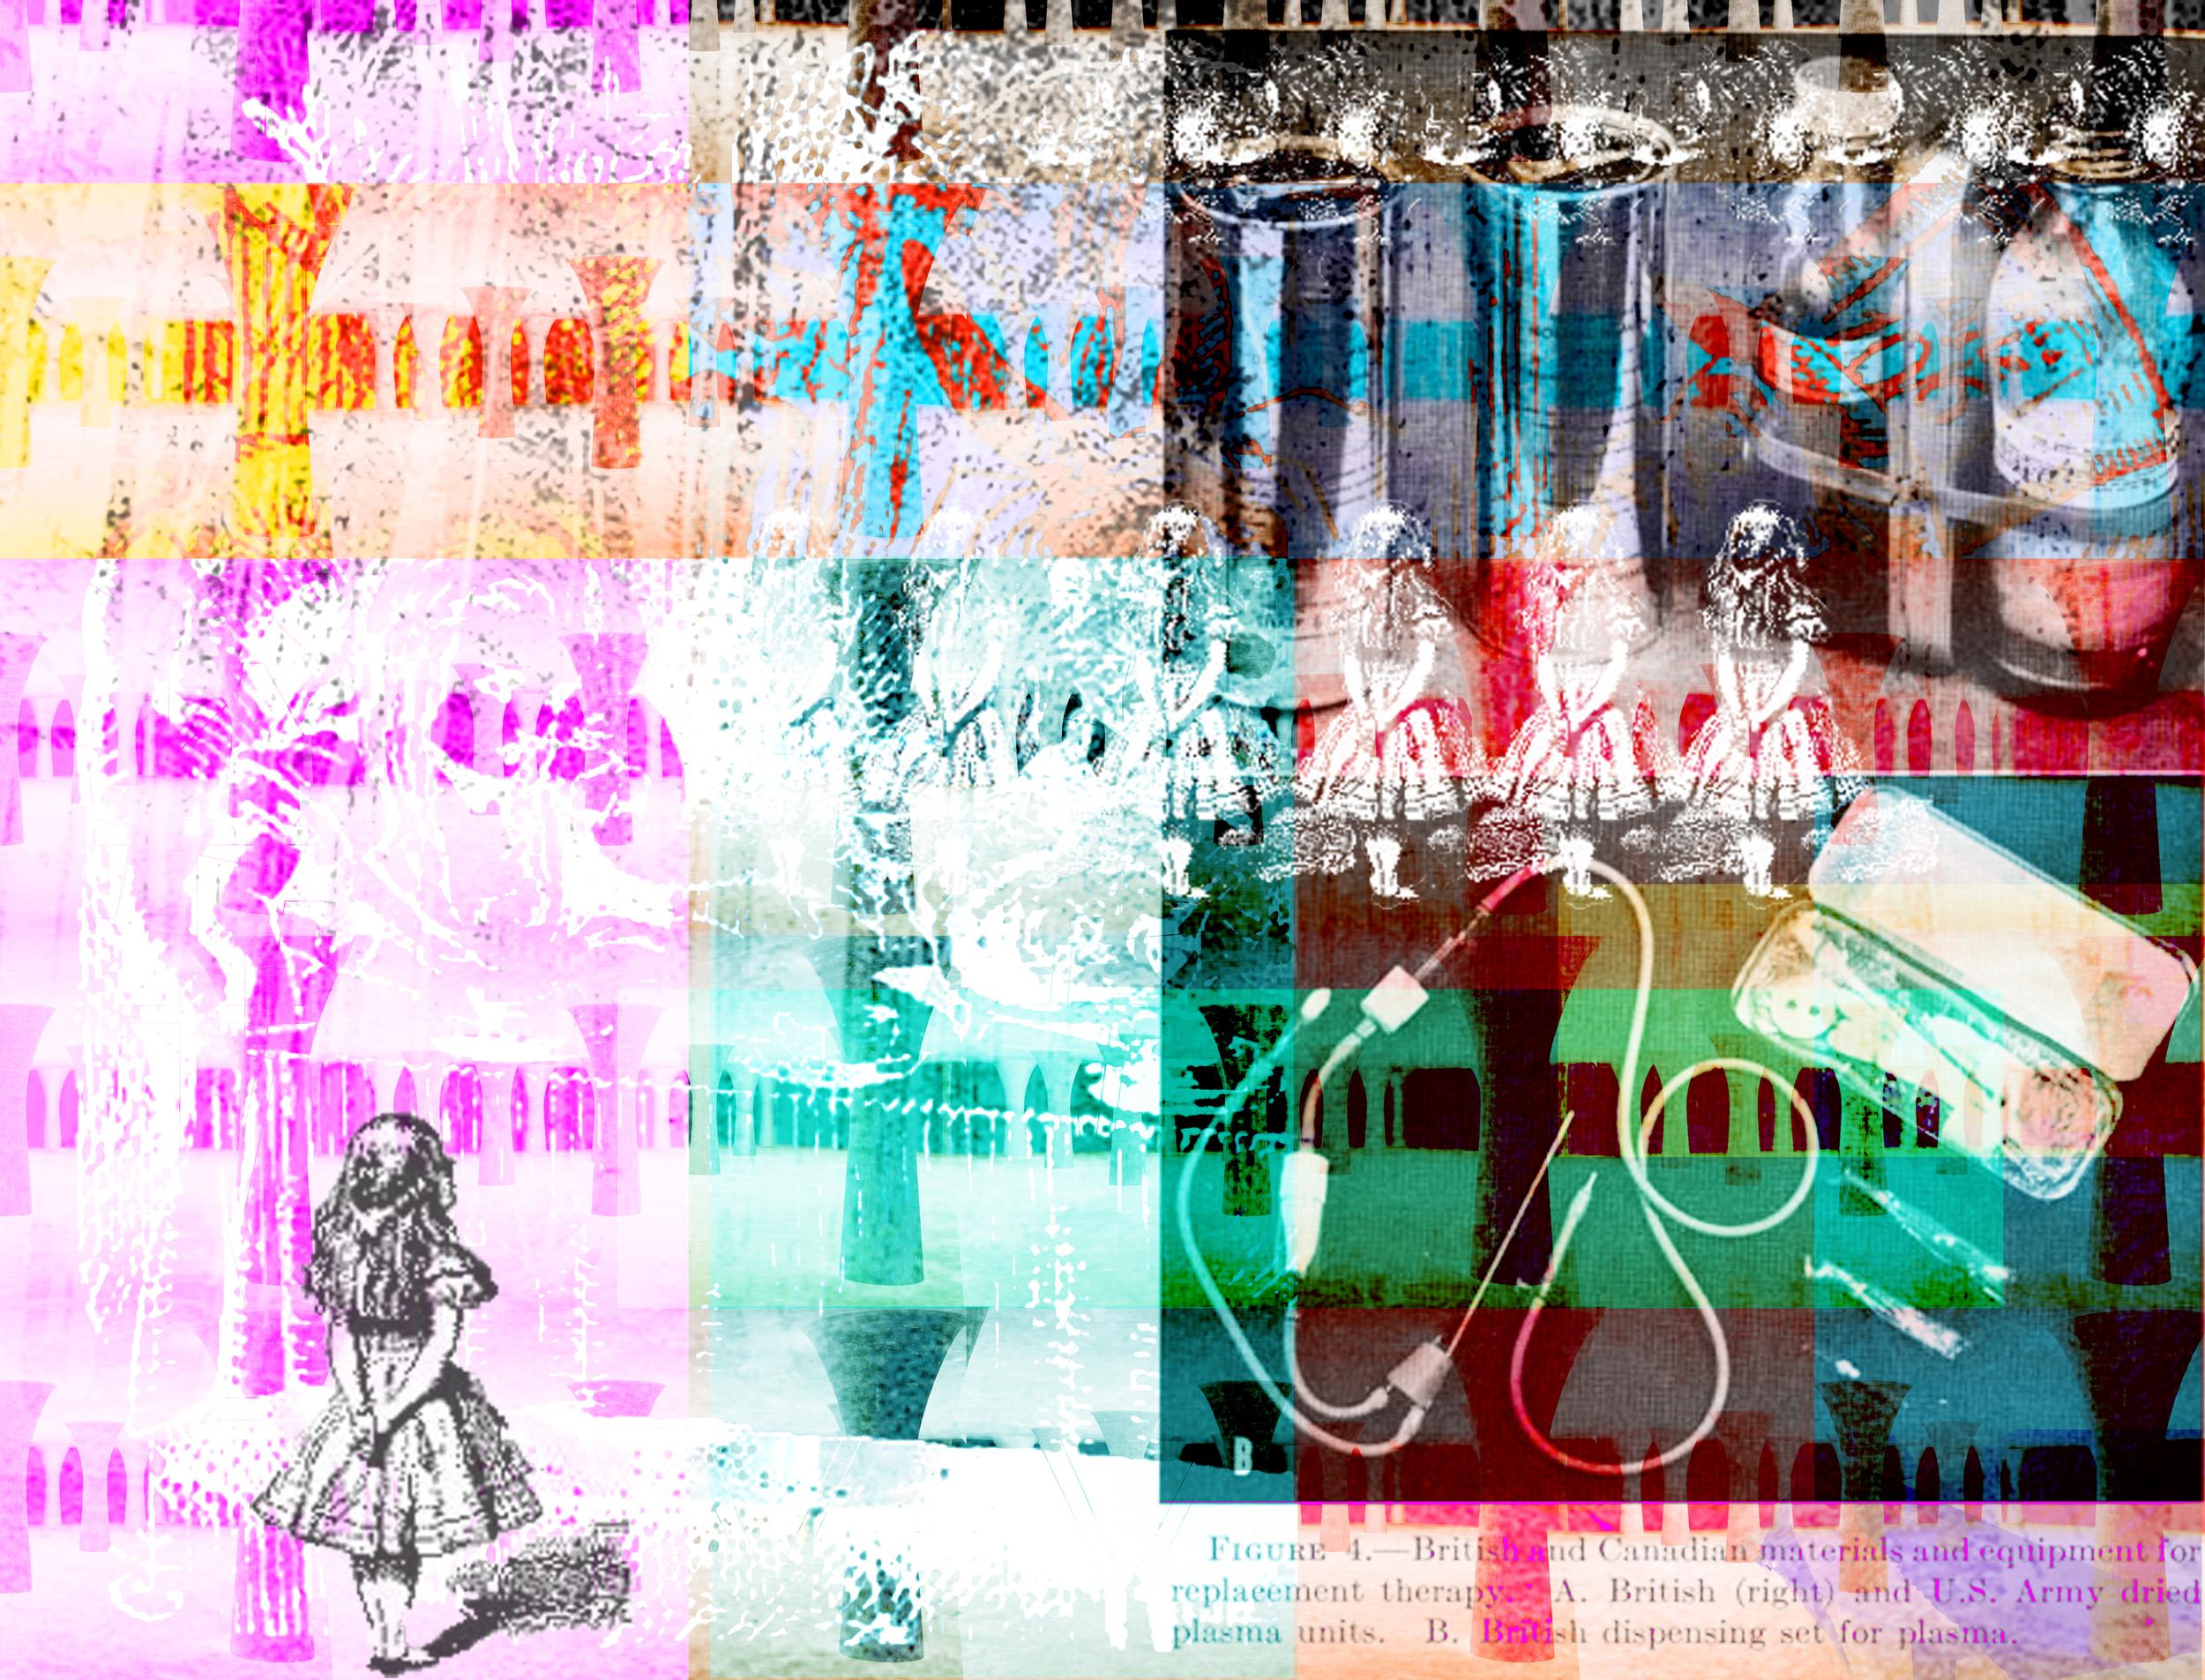 Trubiano_Hurcomb_706_collage3.jpg